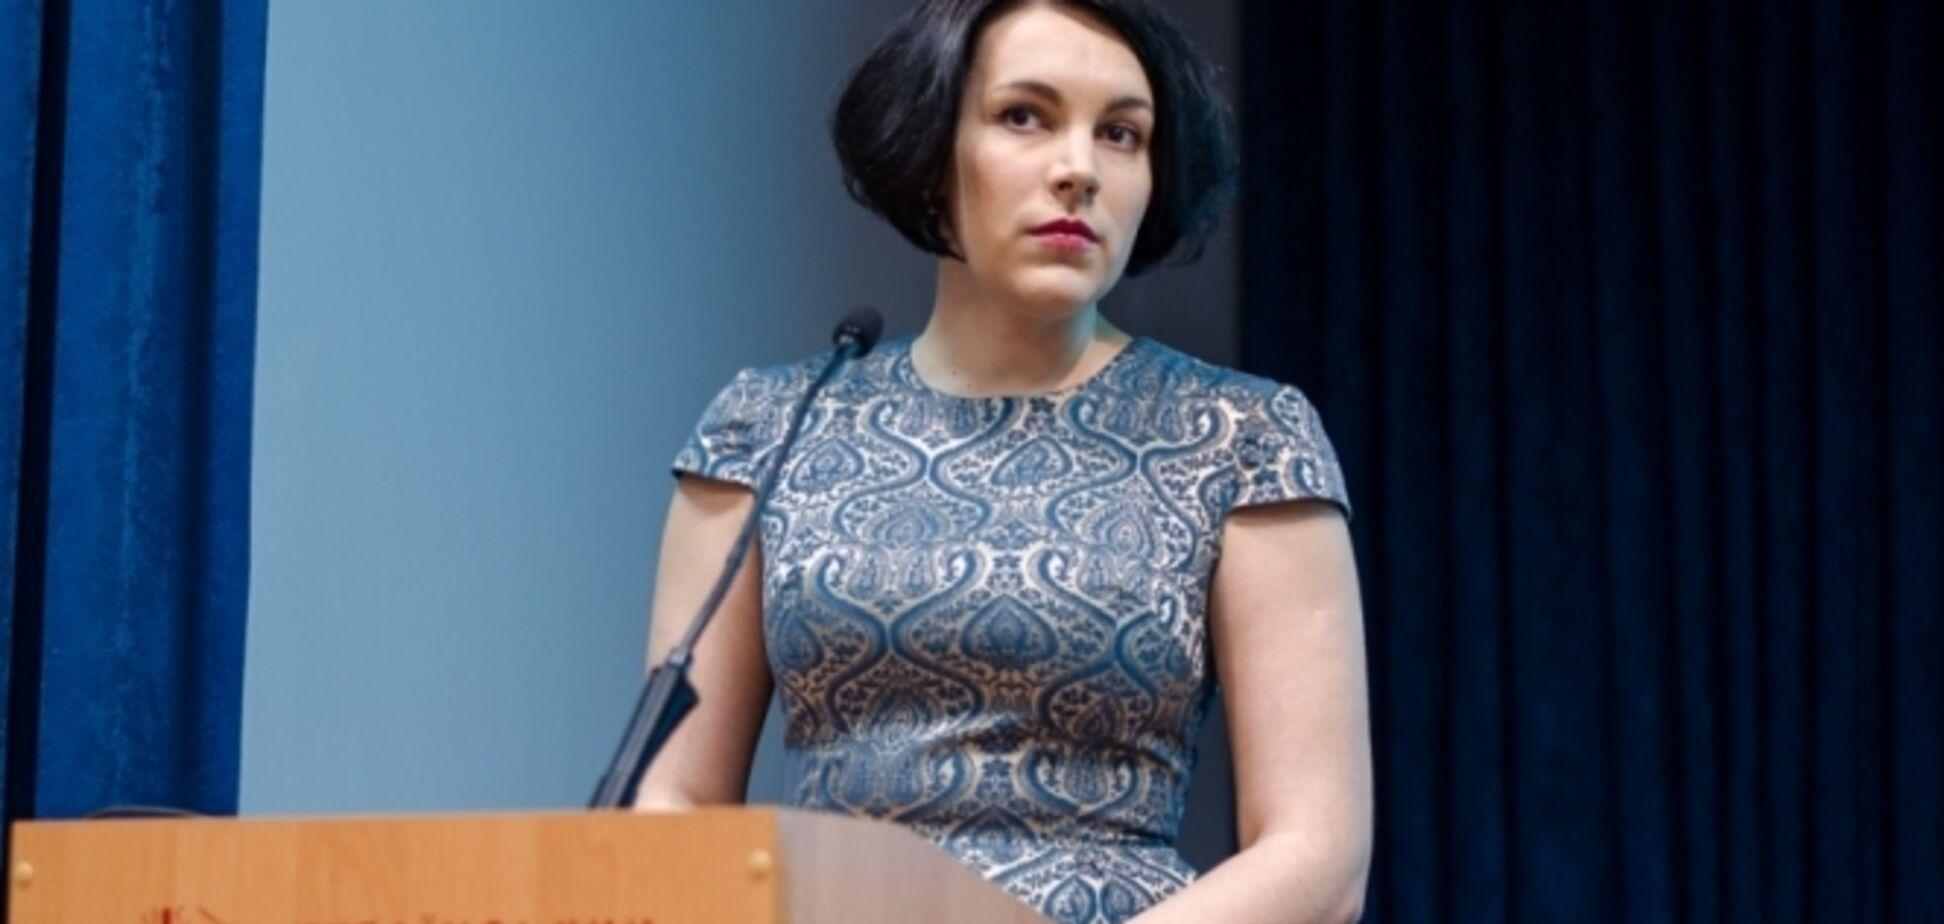 'Следующая после Окуевой': украинской журналистке поступила смертельная угроза